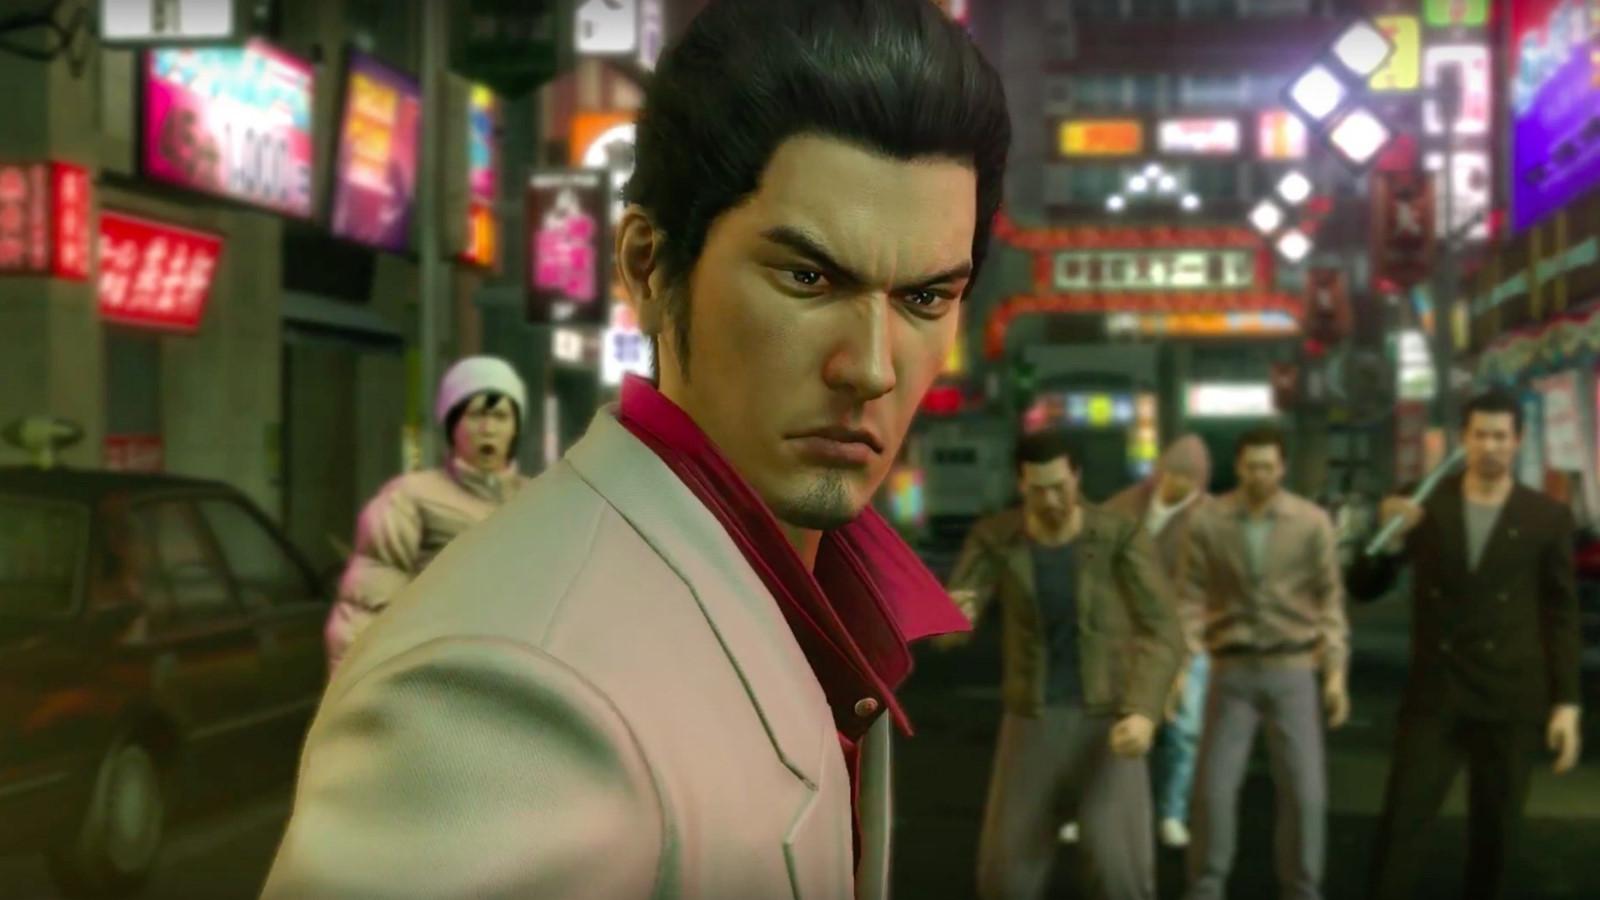 Yakuza Kiwami lại vừa gây bão với trailer phô diễn gameplay cực chất